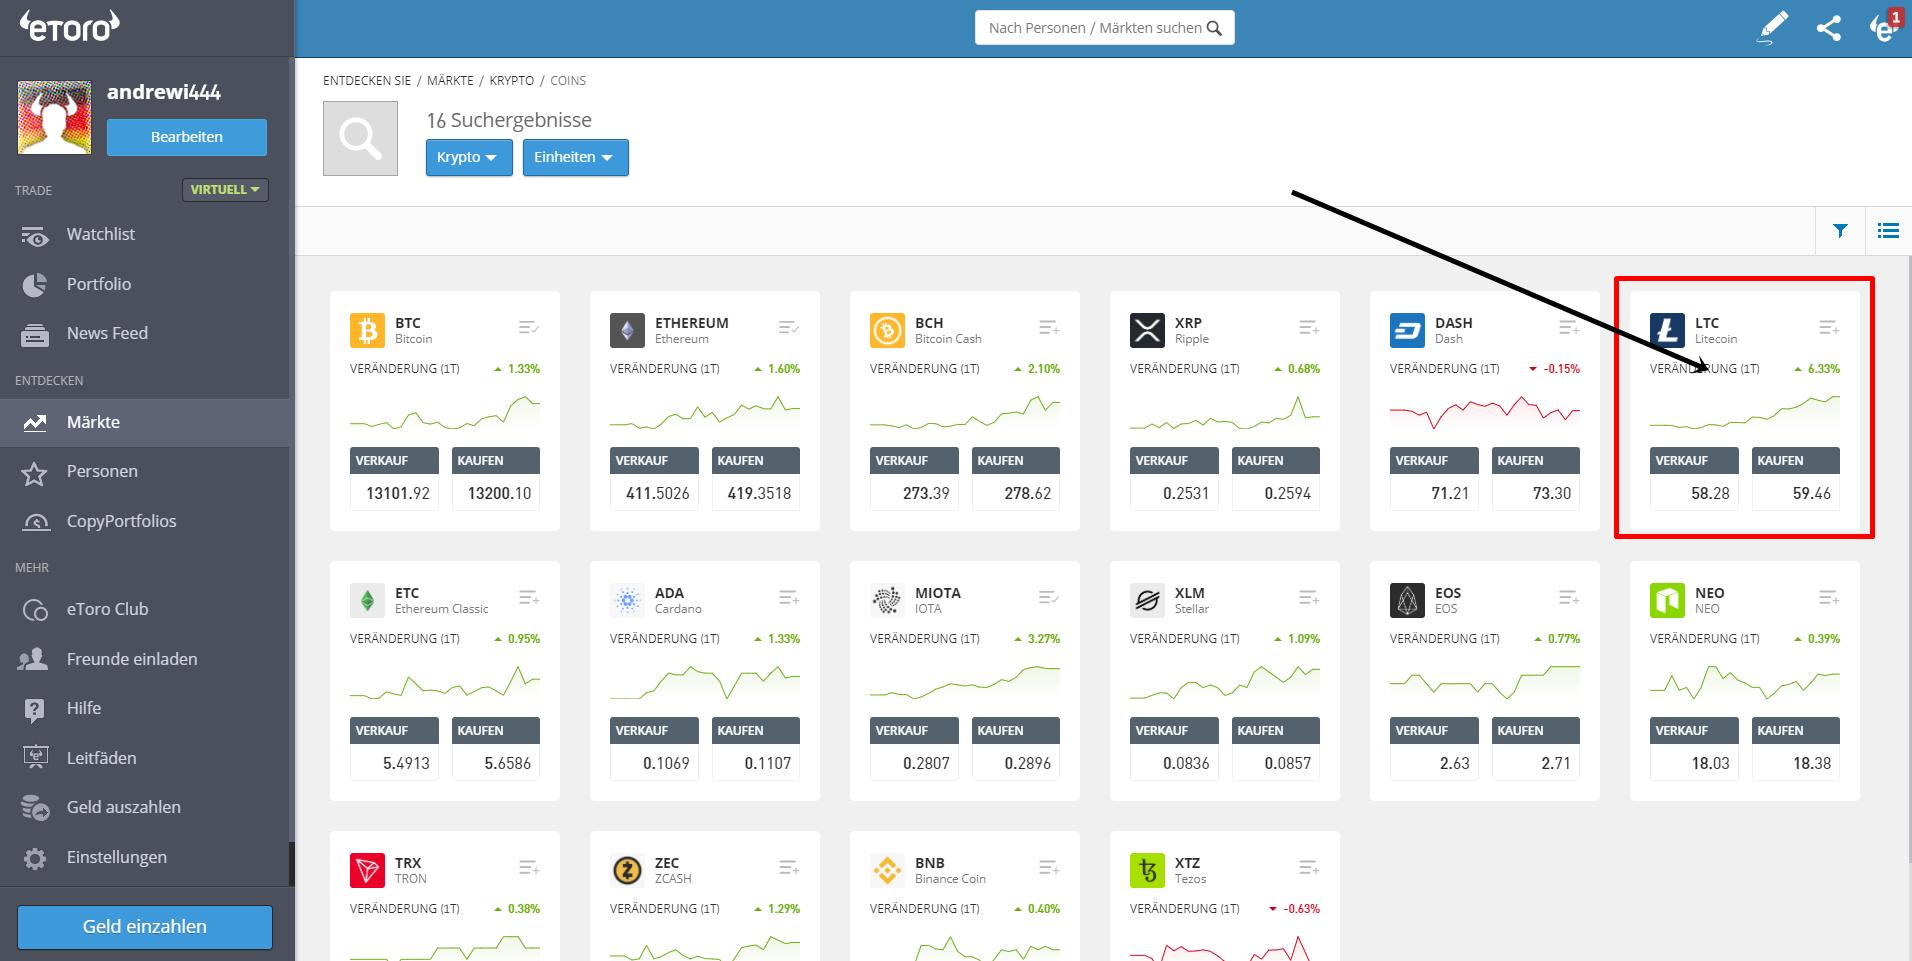 Litecoin Trading in der Plattform